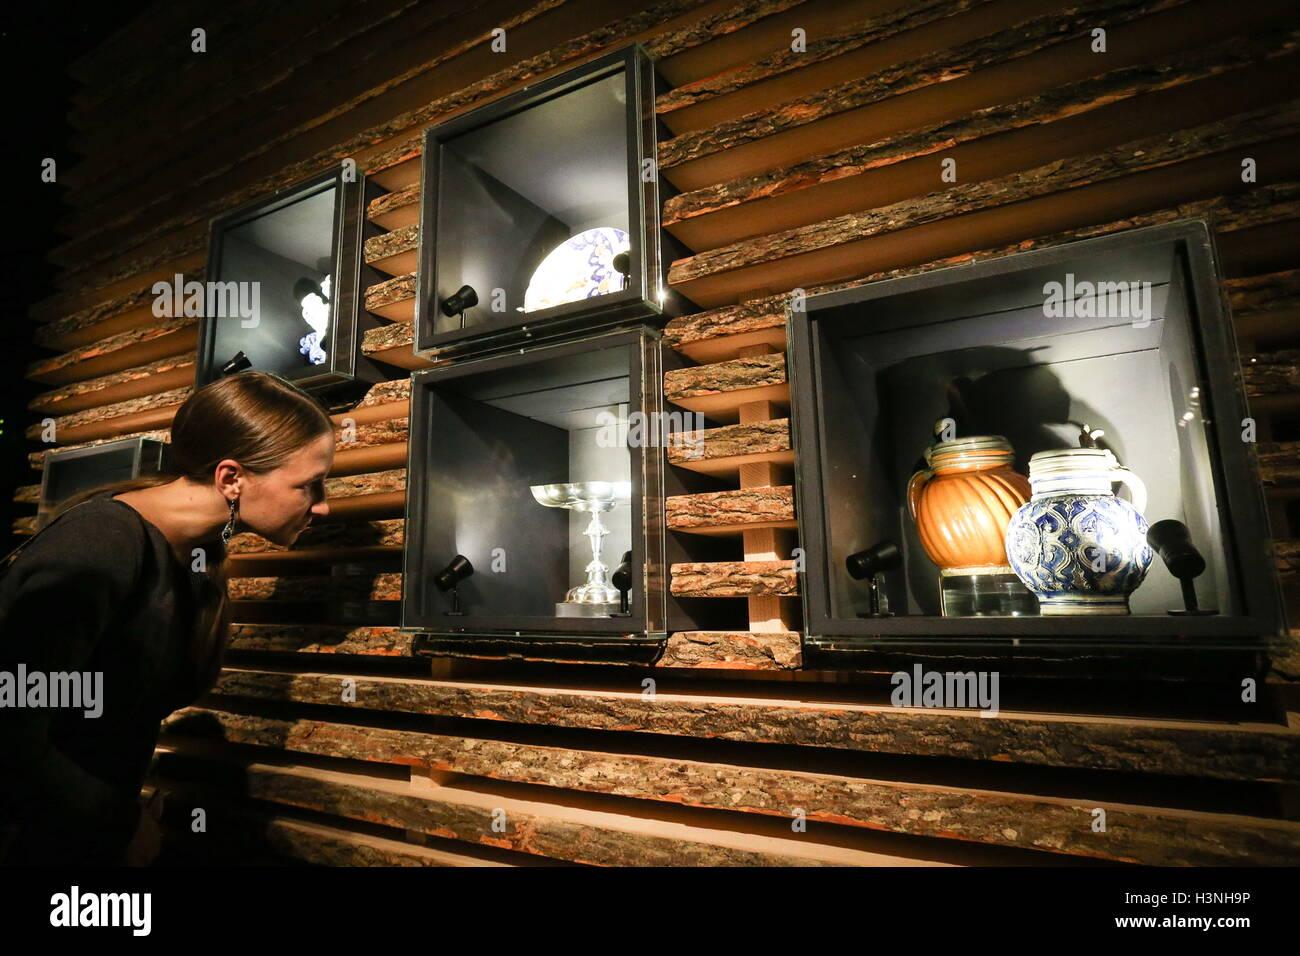 https://c8.alamy.com/compfr/h3nh9p/moscou-russie-le-10-octobre-2016-une-fille-regarde-vaisselle-presentes-a-lexposition-intitulee-lart-de-vivre-interieur-de-maison-bourgeoise-neerlandais-a-lere-de-prosperite-au-musee-detat-pouchkine-des-beaux-arts-de-lexposition-presente-11-peintures-de-lartistes-de-lage-dor-hollandais-imagerie-de-la-vendeuse-et-scenes-de-la-vie-quotidienne-ainsi-que-des-objets-dart-et-dartisanat-lexposition-est-ouverte-a-letat-pushkin-museum-of-fine-arts-du-11-octobre-2016-au-10-janvier-2017-vyacheslav-prokofyevtass-h3nh9p.jpg